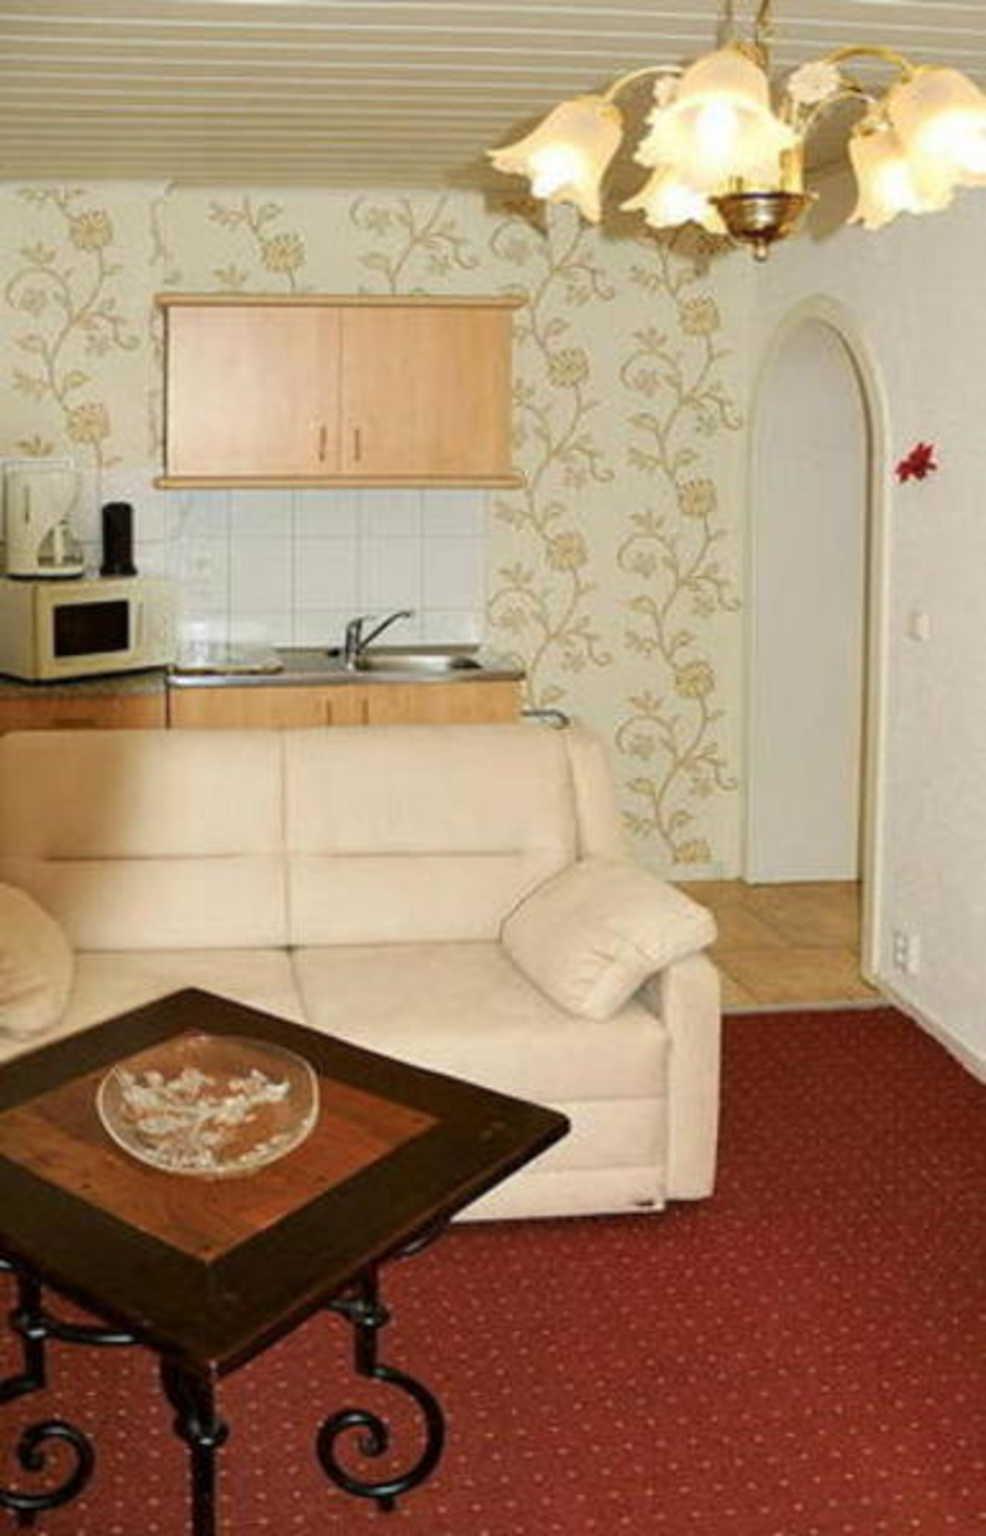 Apartments Ramin, App. La vida